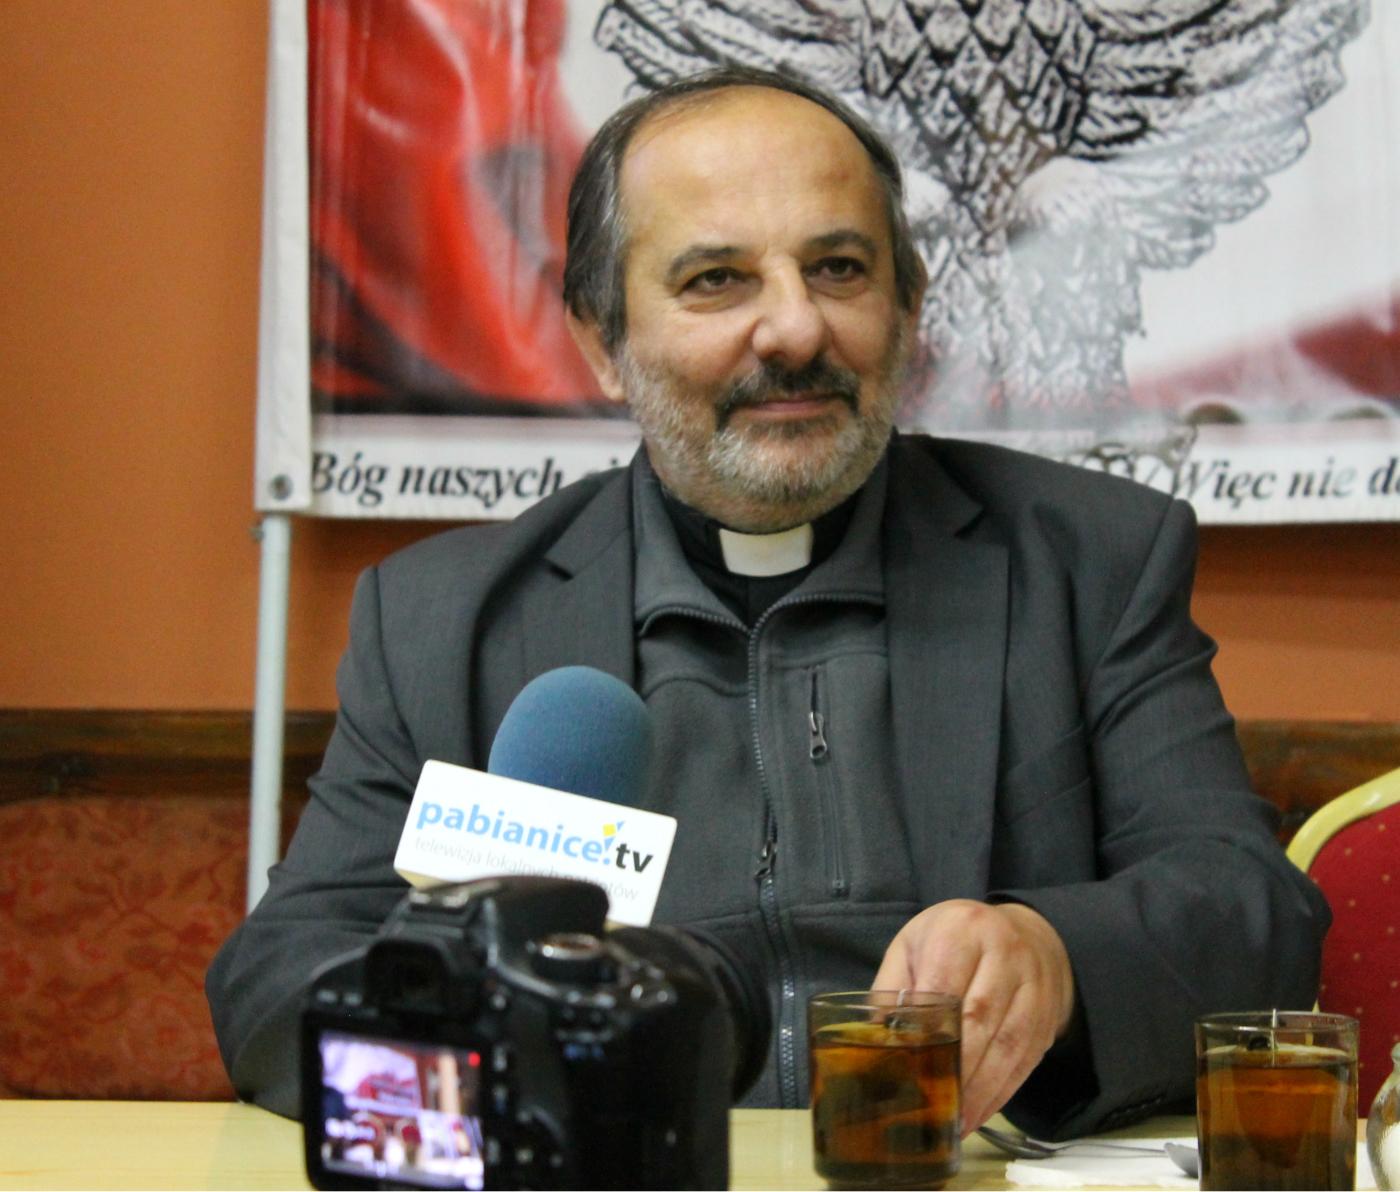 Co powiedział ks. Isakowicz-Zaleski w Pabianicach? [VIDEO]